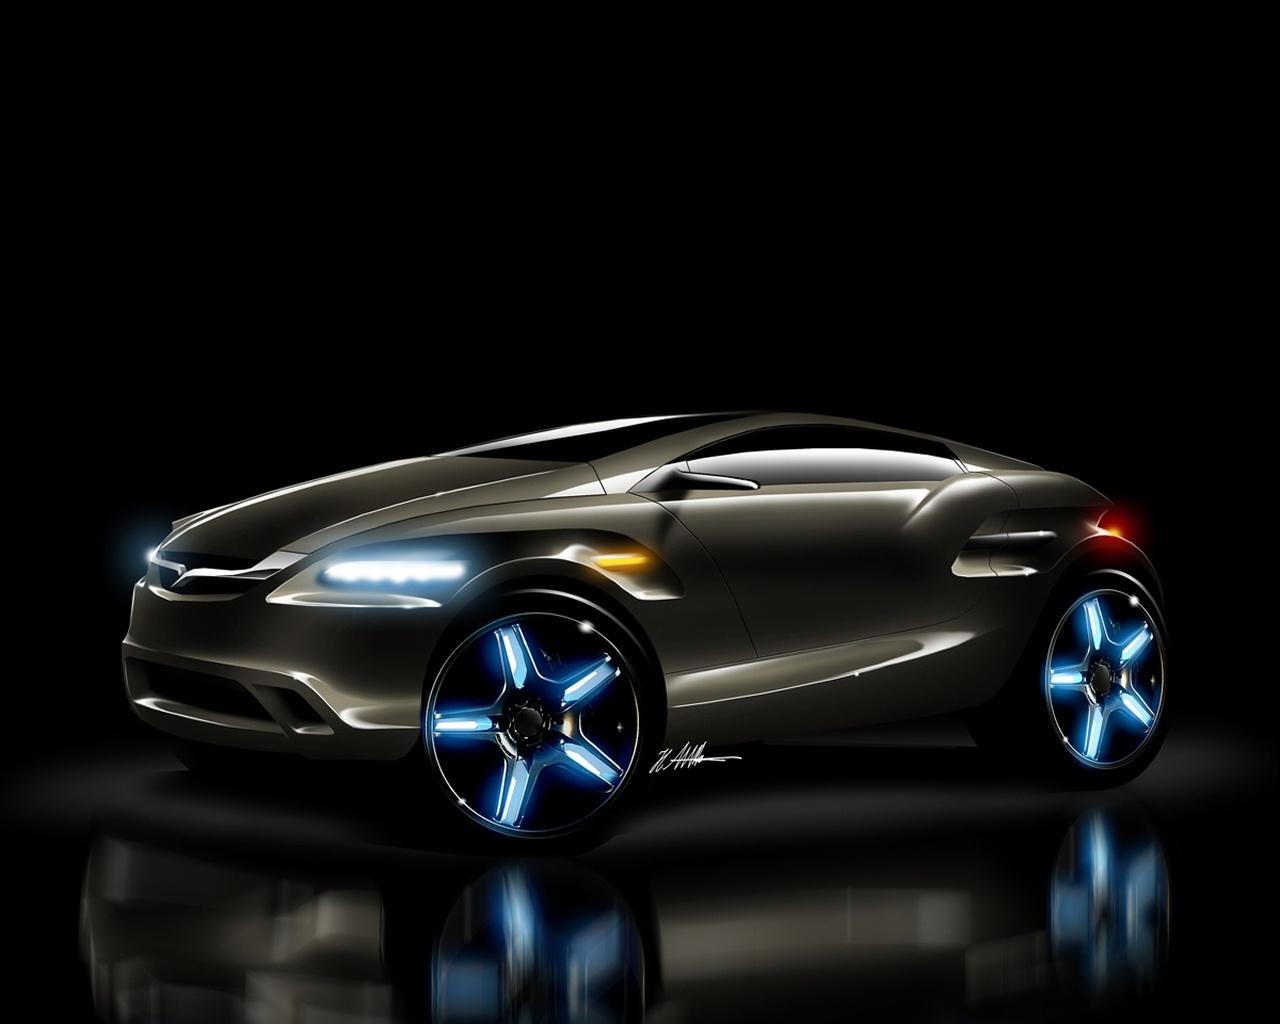 auto wallpaper hd super concept car. Black Bedroom Furniture Sets. Home Design Ideas